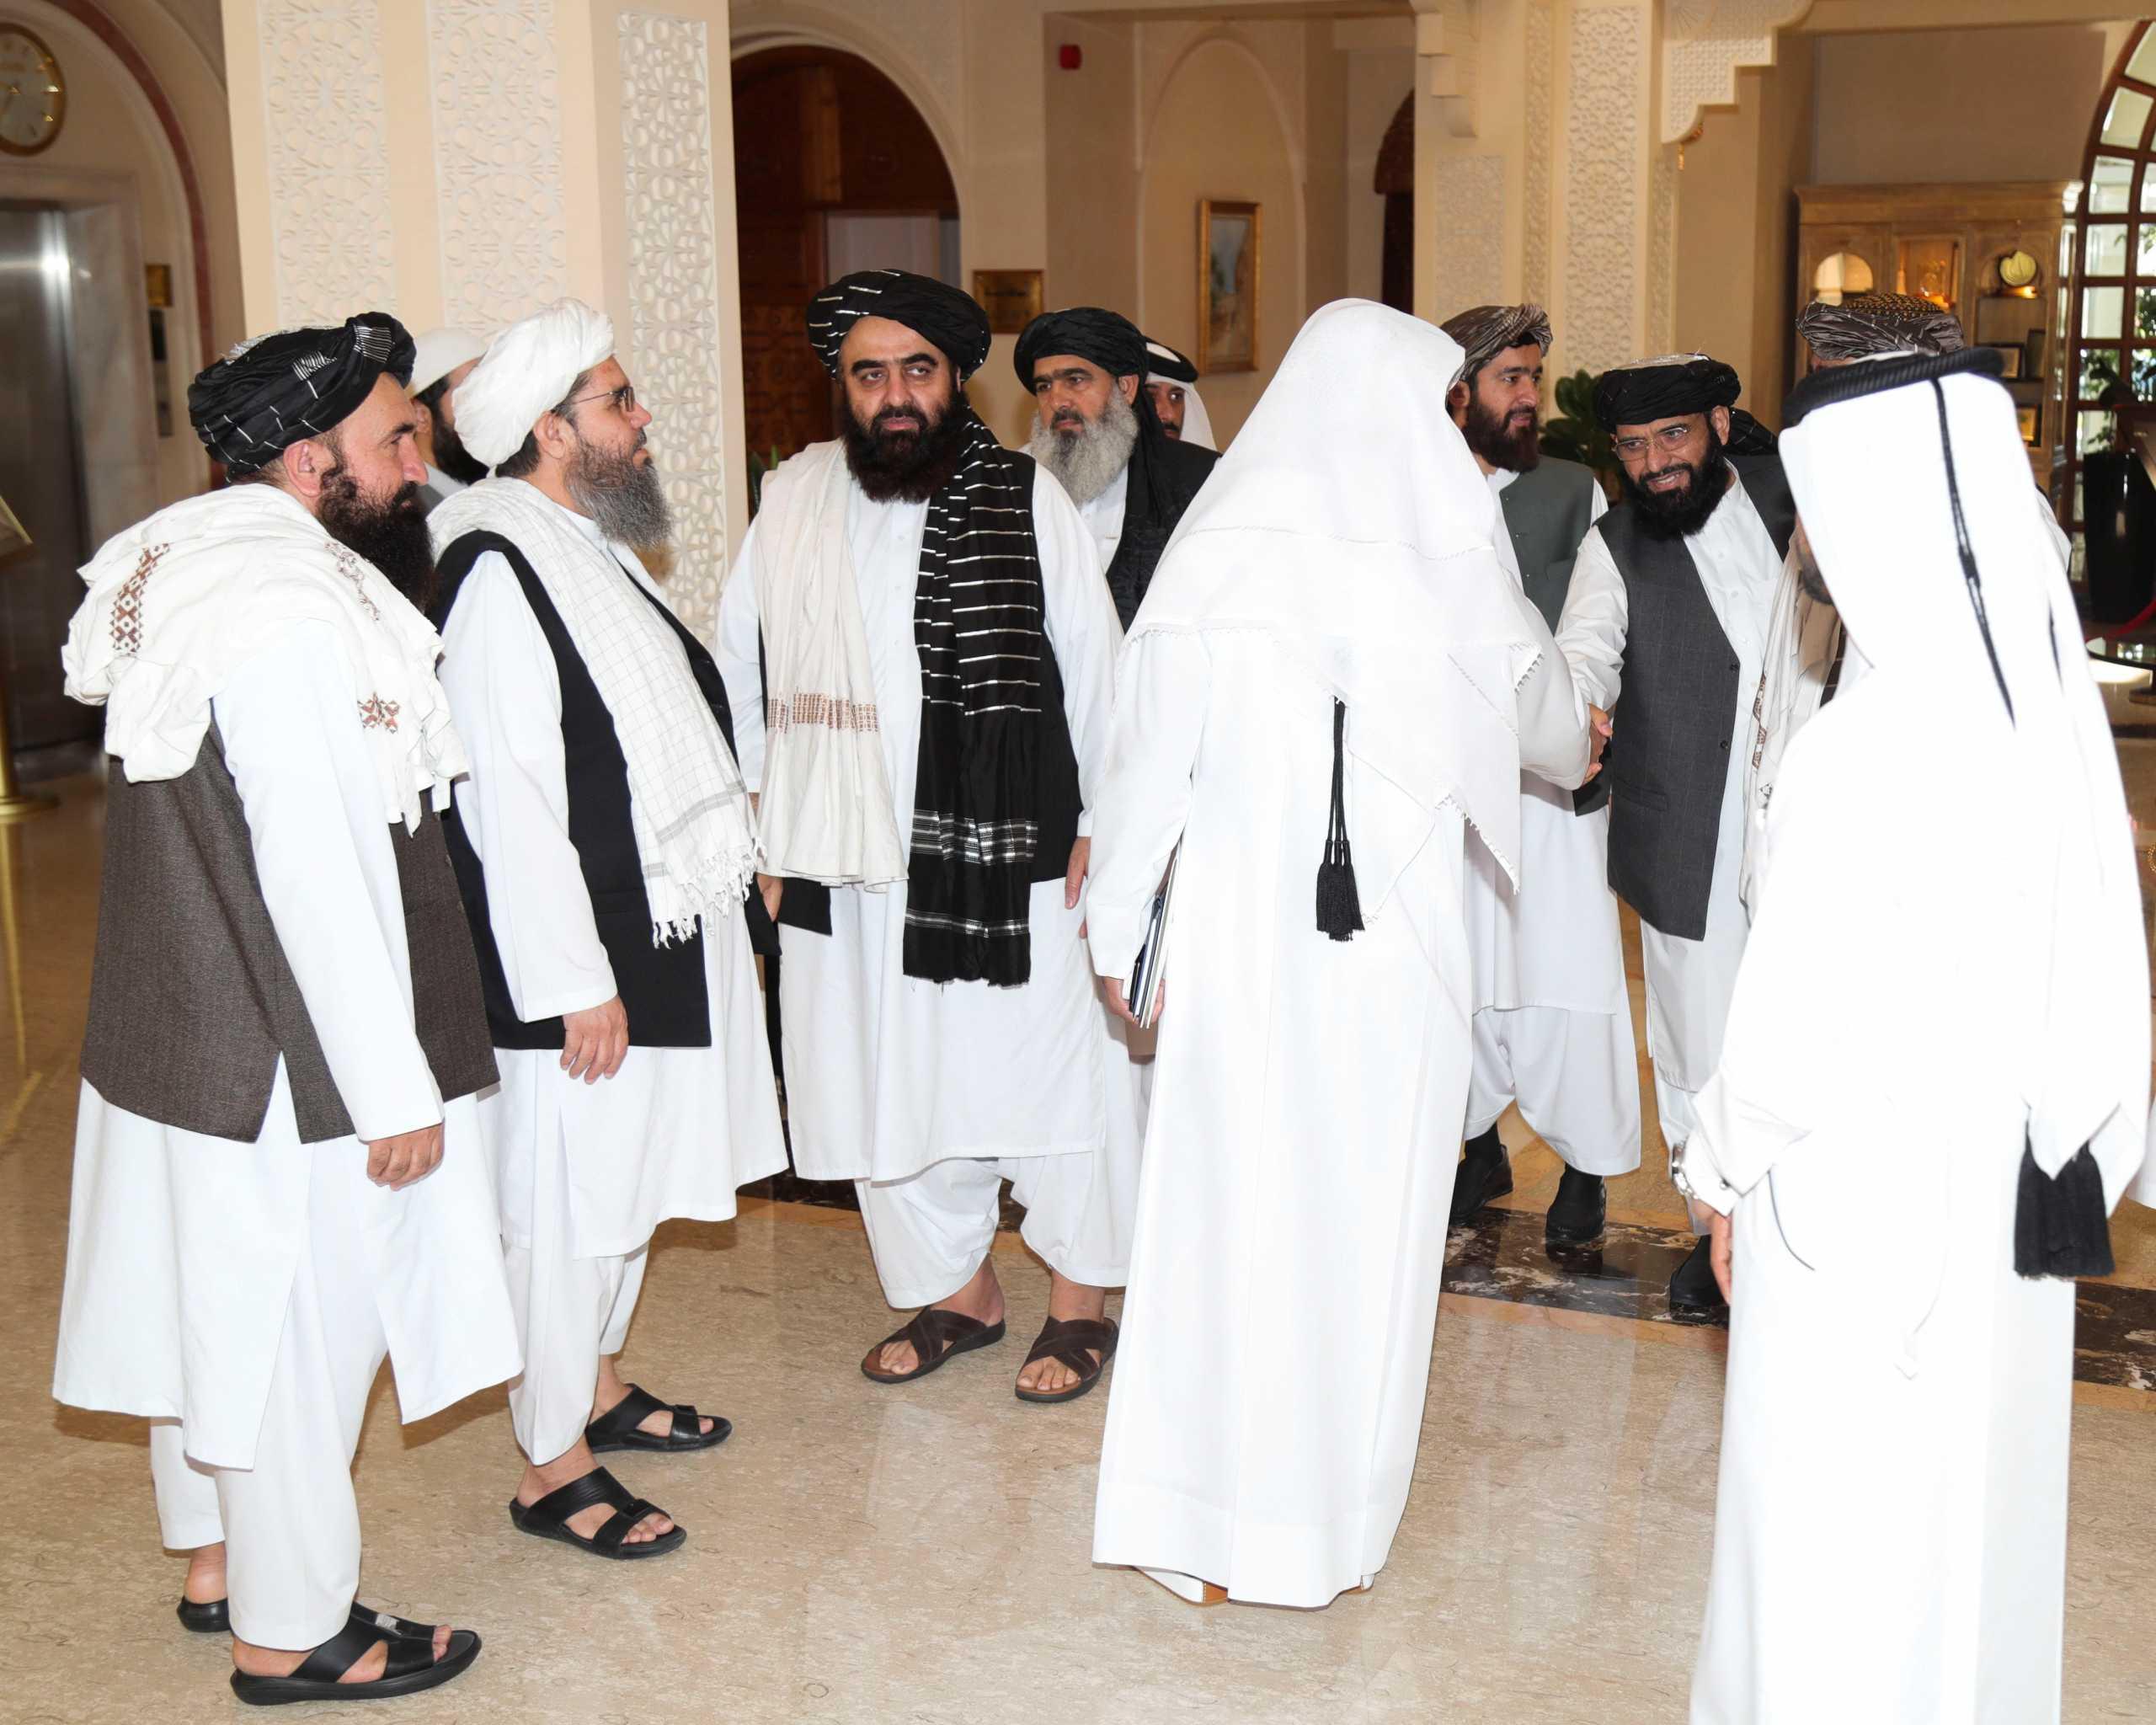 Αφγανιστάν – Ταλιμπάν: Χαλαρώστε τις κυρώσεις αλλιώς θα αντιμετωπίσετε κύματα μεταναστών